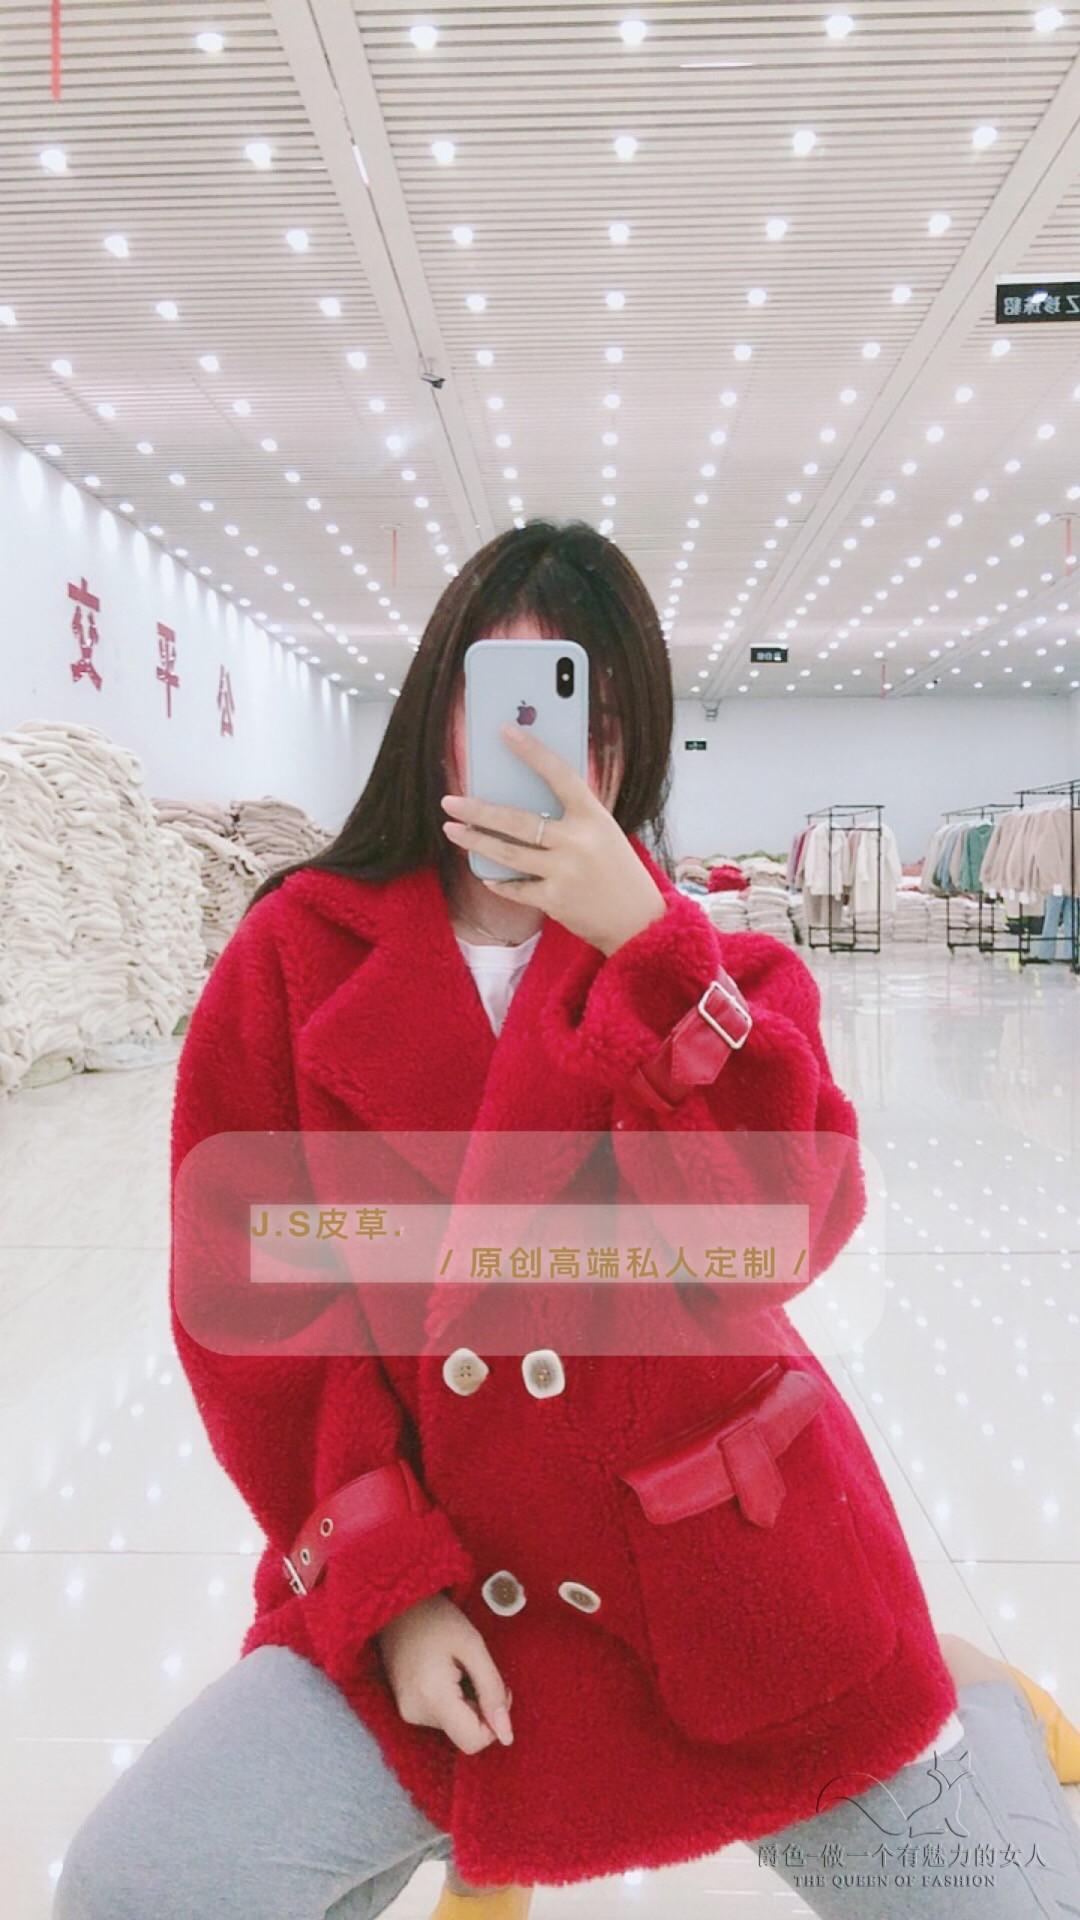 2019秋冬季新款网红韩版宽松皮毛一体颗粒羊绒短款外套女大衣 特图片